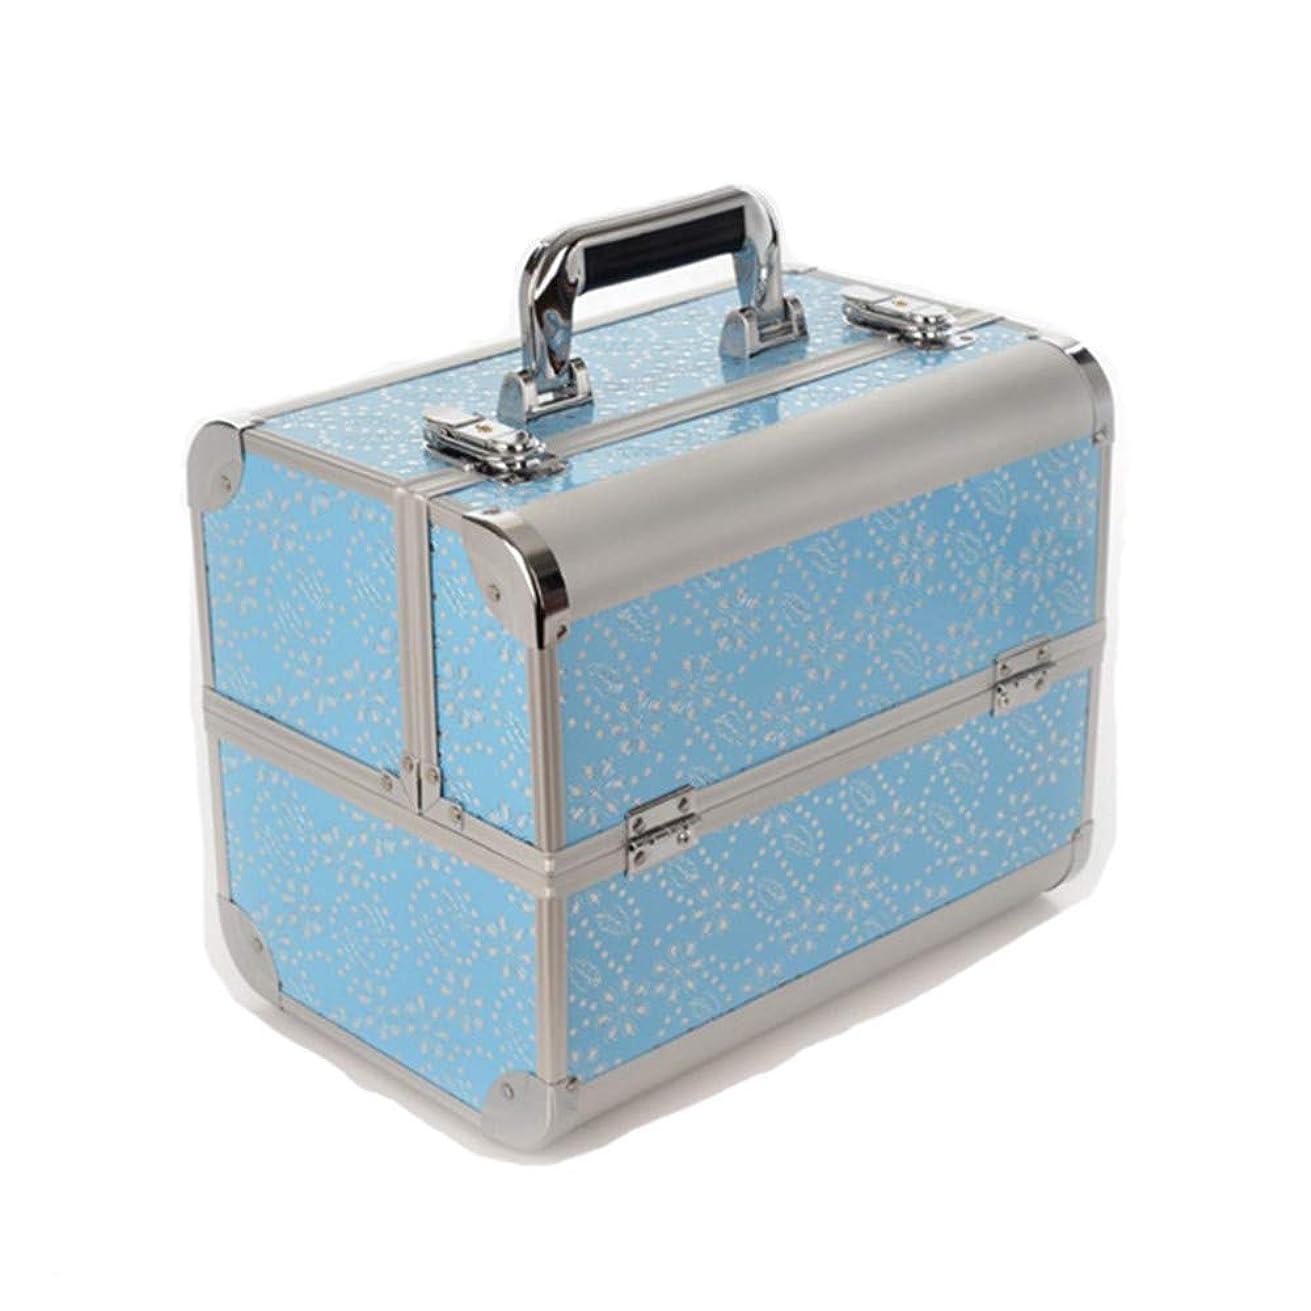 特大スペース収納ビューティーボックス 美の構造のためそしてジッパーおよび折る皿が付いている女の子の女性旅行そして毎日の貯蔵のための高容量の携帯用化粧品袋 化粧品化粧台 (色 : 青)